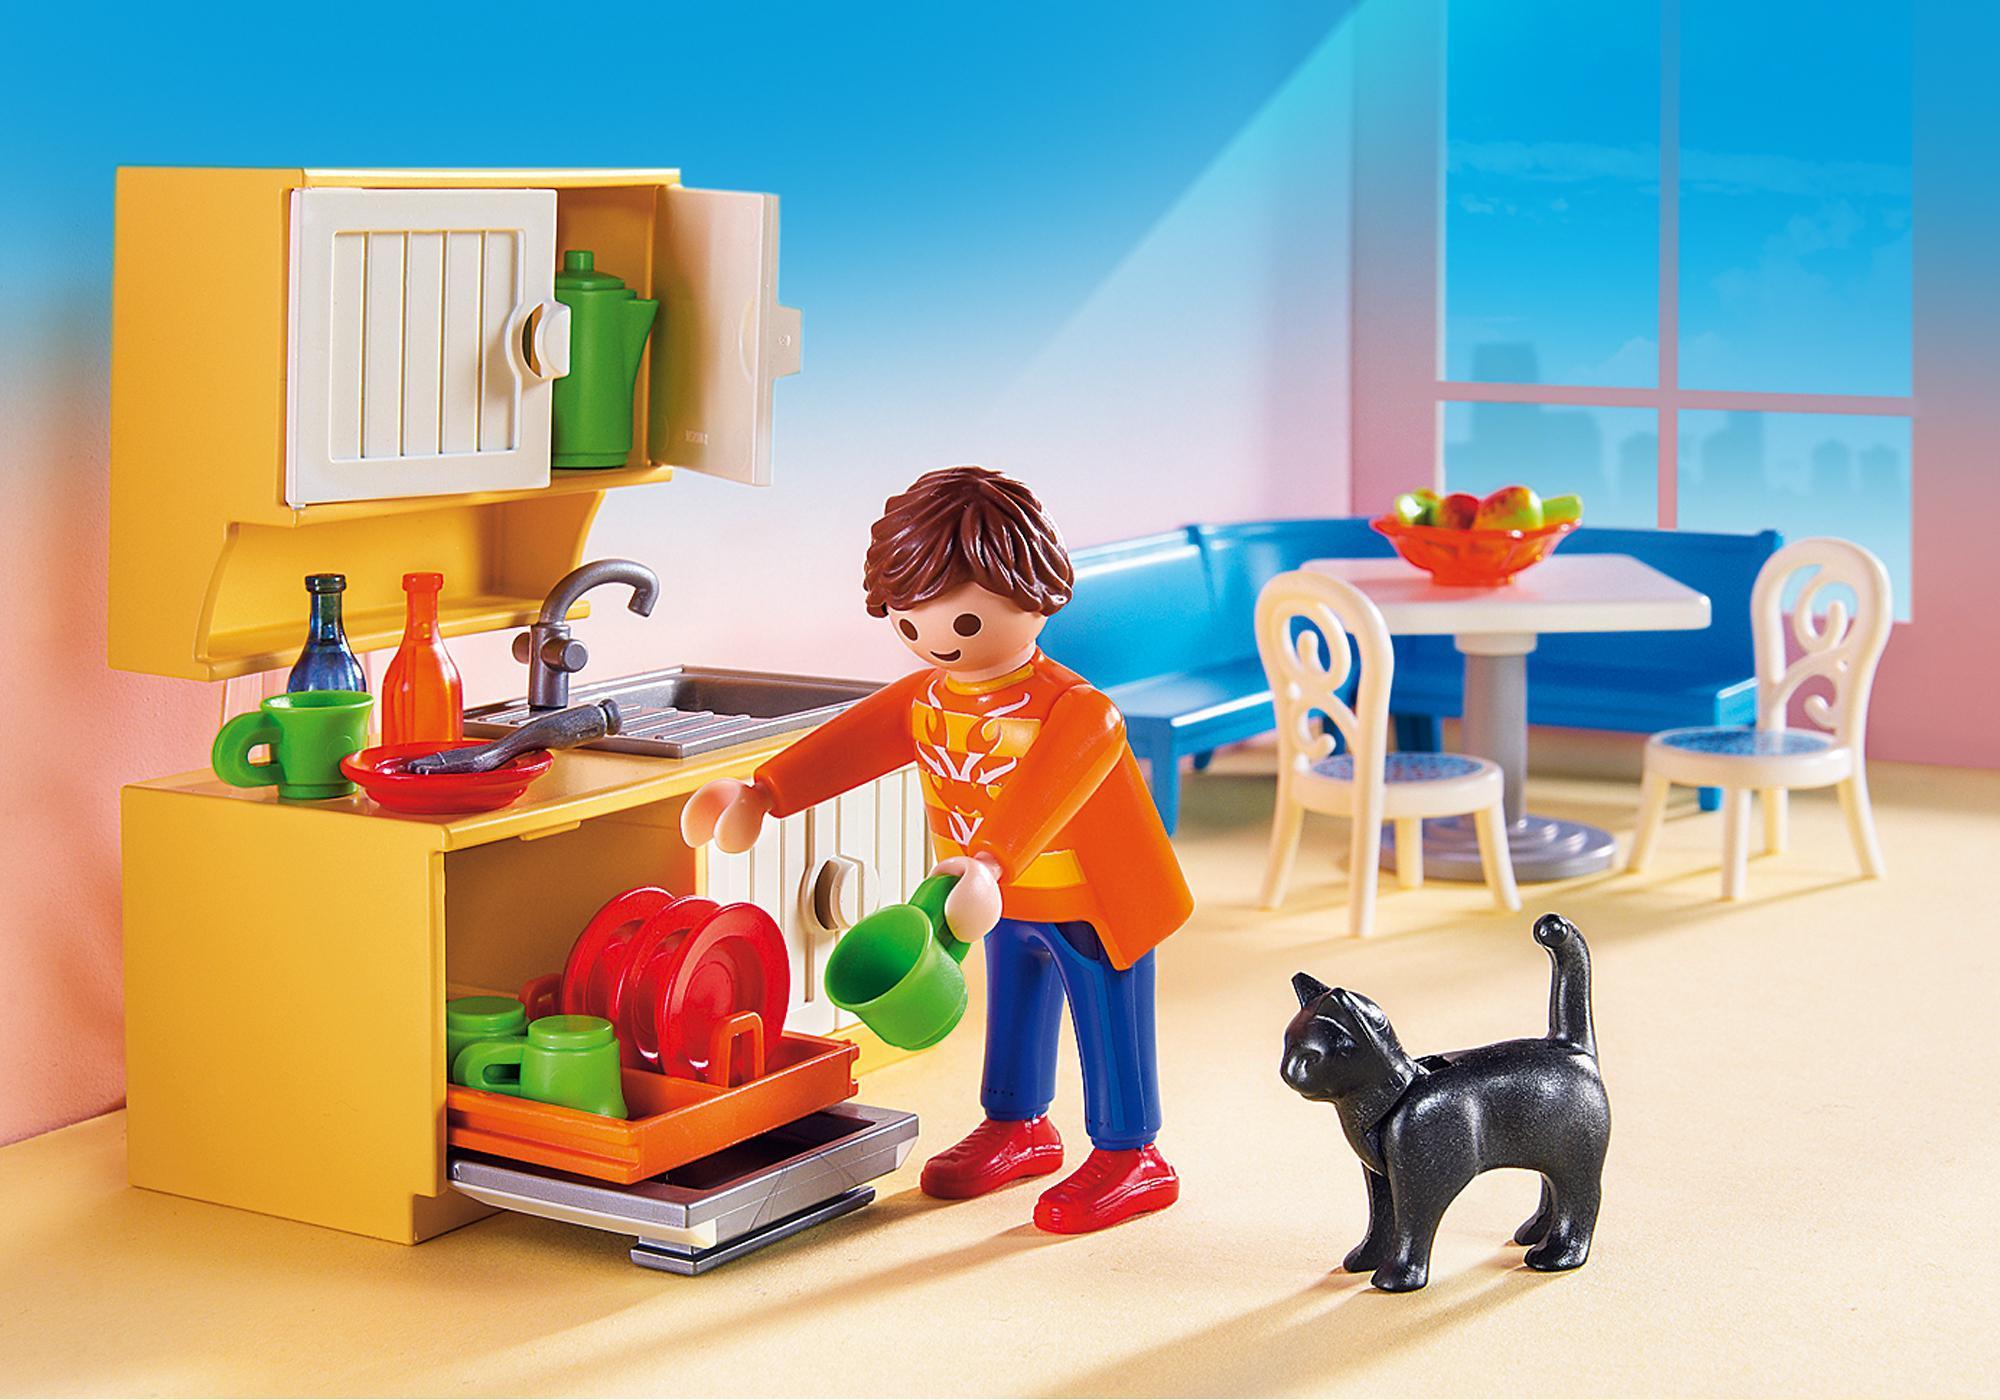 http://media.playmobil.com/i/playmobil/5336_product_extra1/Cuisine avec coin repas